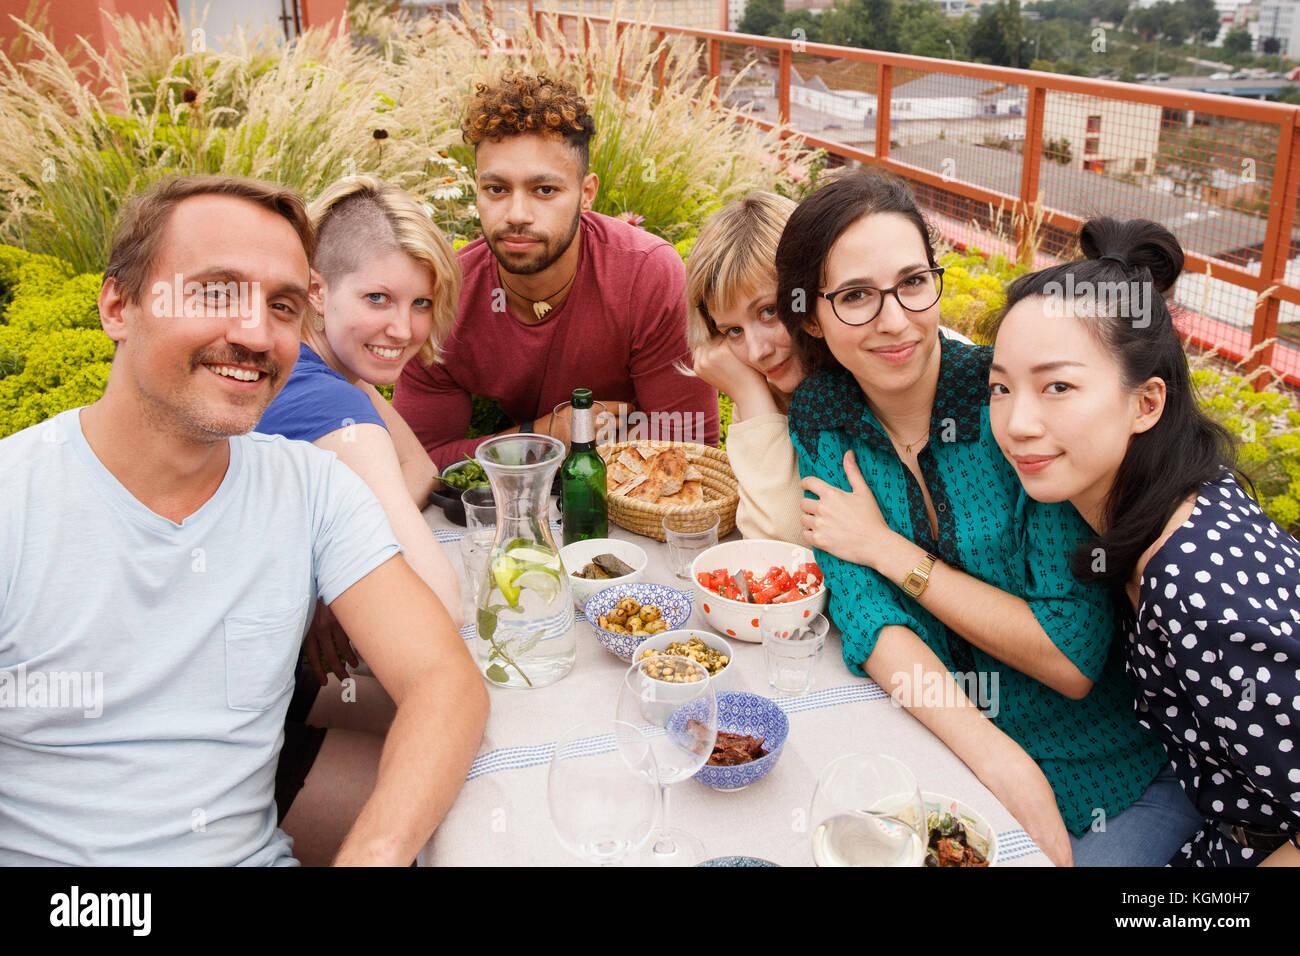 Retrato de macho y hembra feliz amigos sentado en la mesa al aire libre en el patio Imagen De Stock